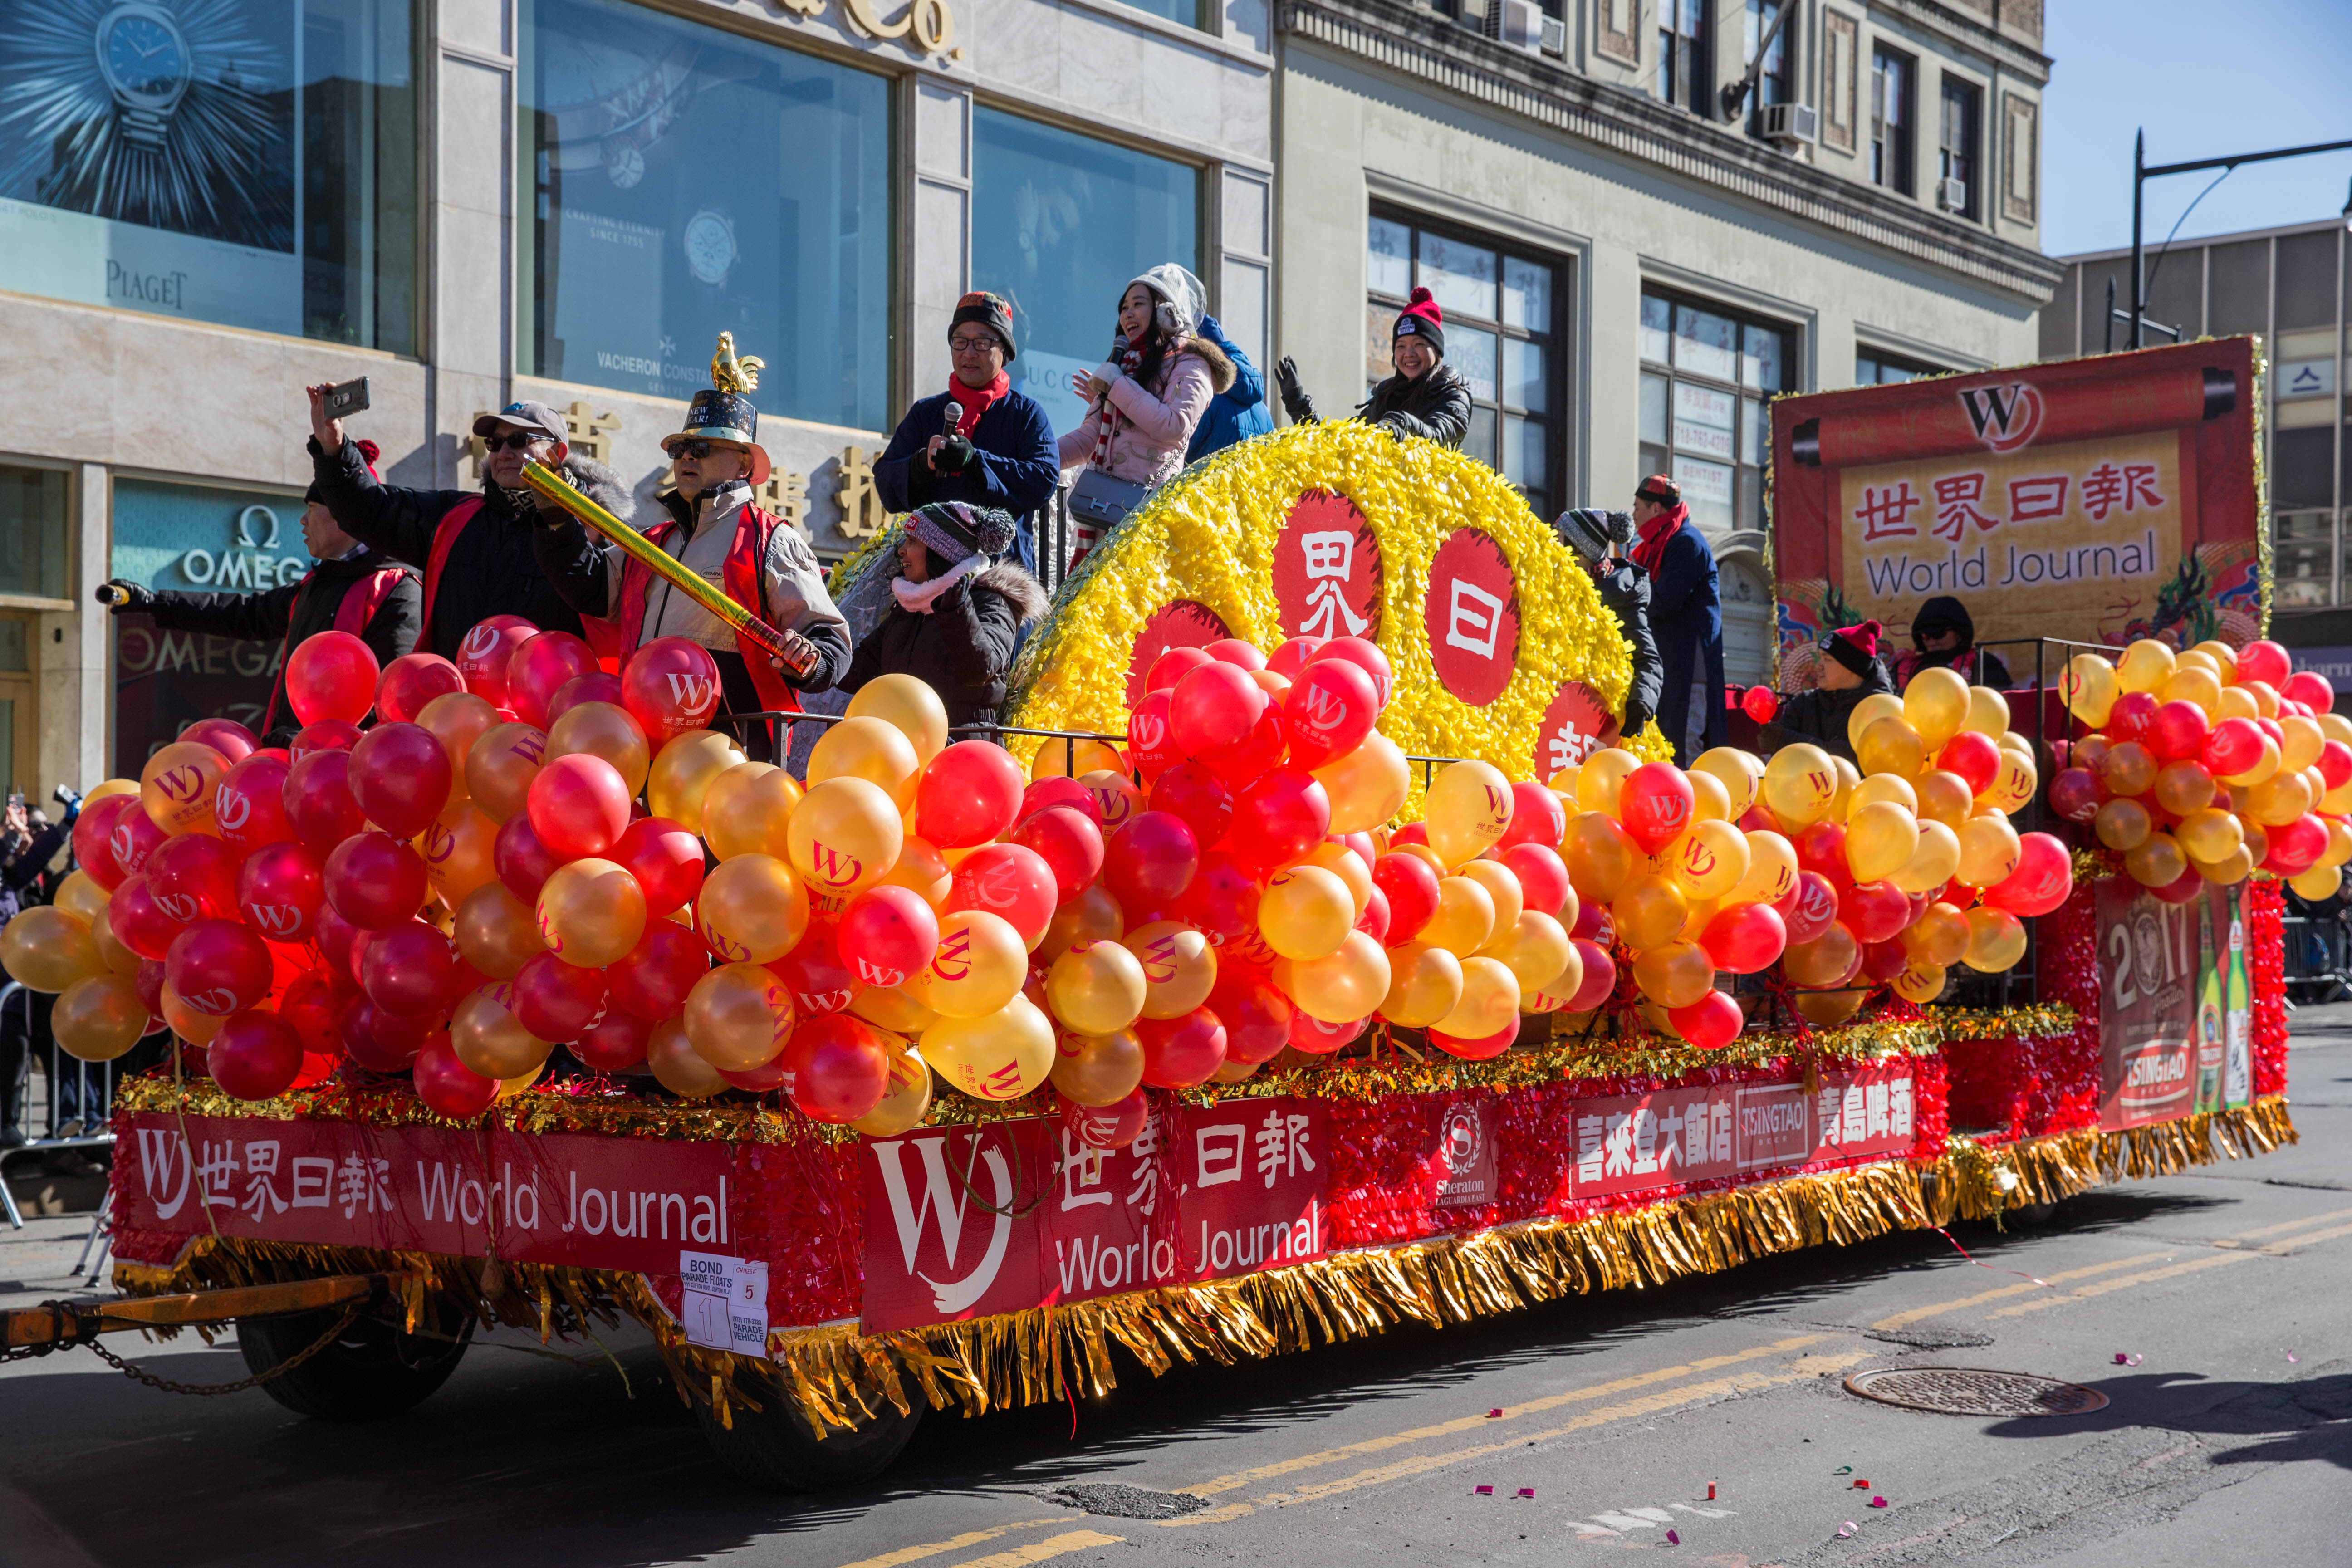 2017年法拉盛新春遊行世界日報向民眾問好